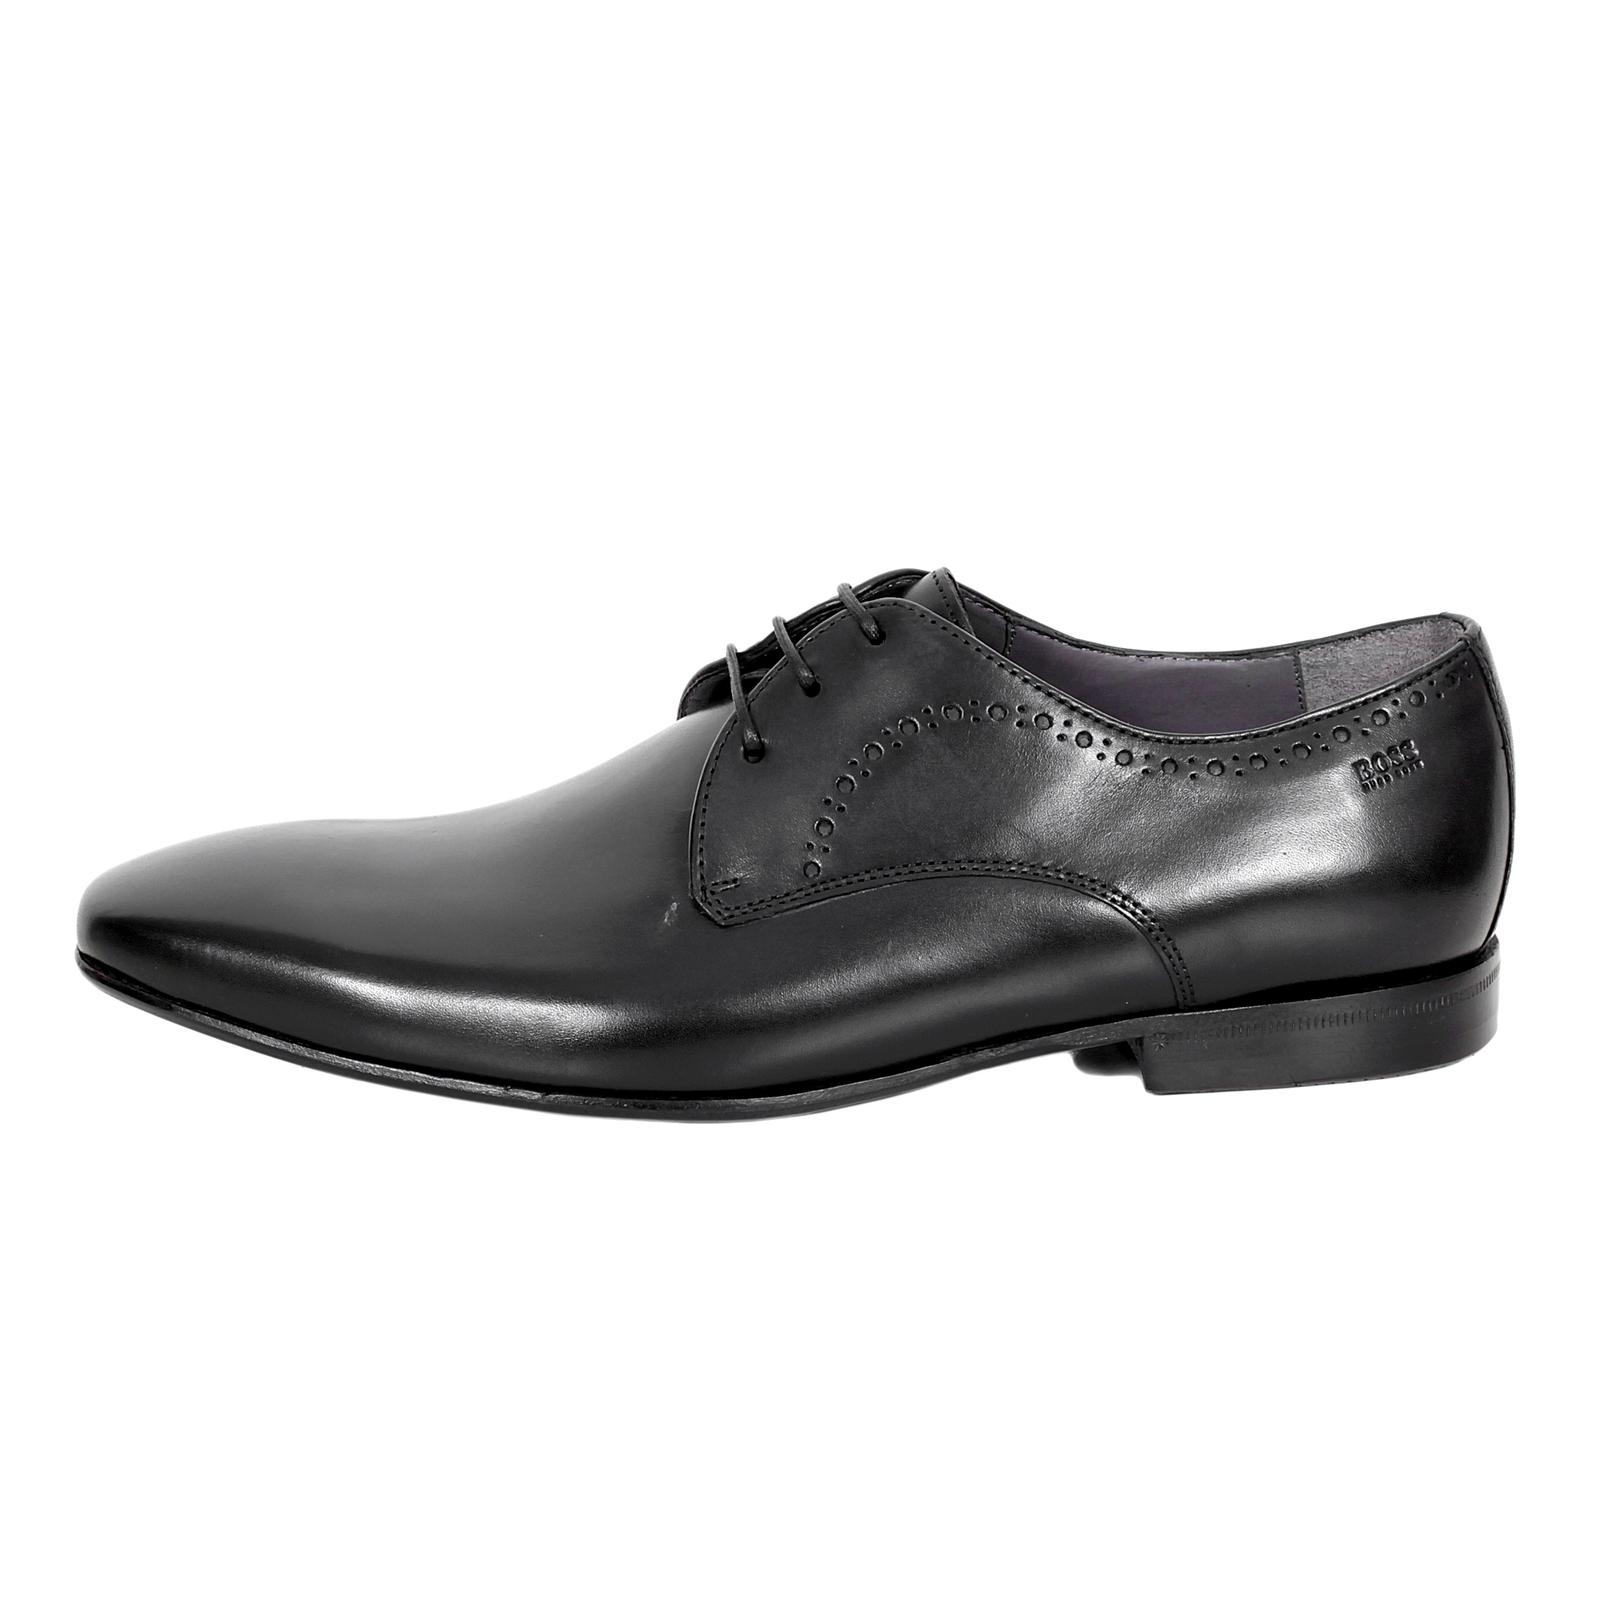 Shoes Black Bonsto 50260521 Dress Boss3476 Hugo Boss Leather